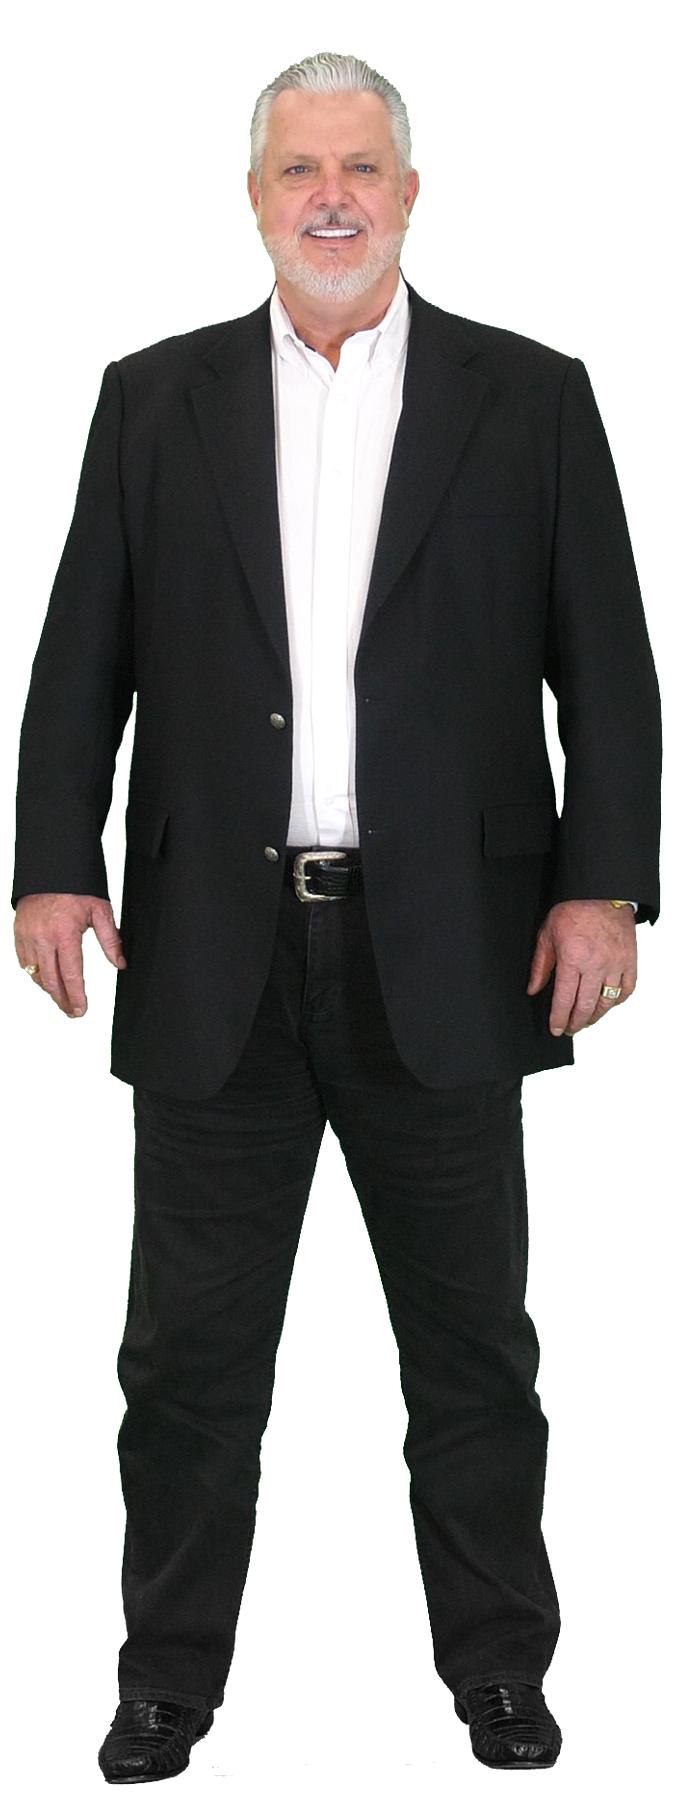 Cass Burch Quitman >> Cass Burch Automotive Group